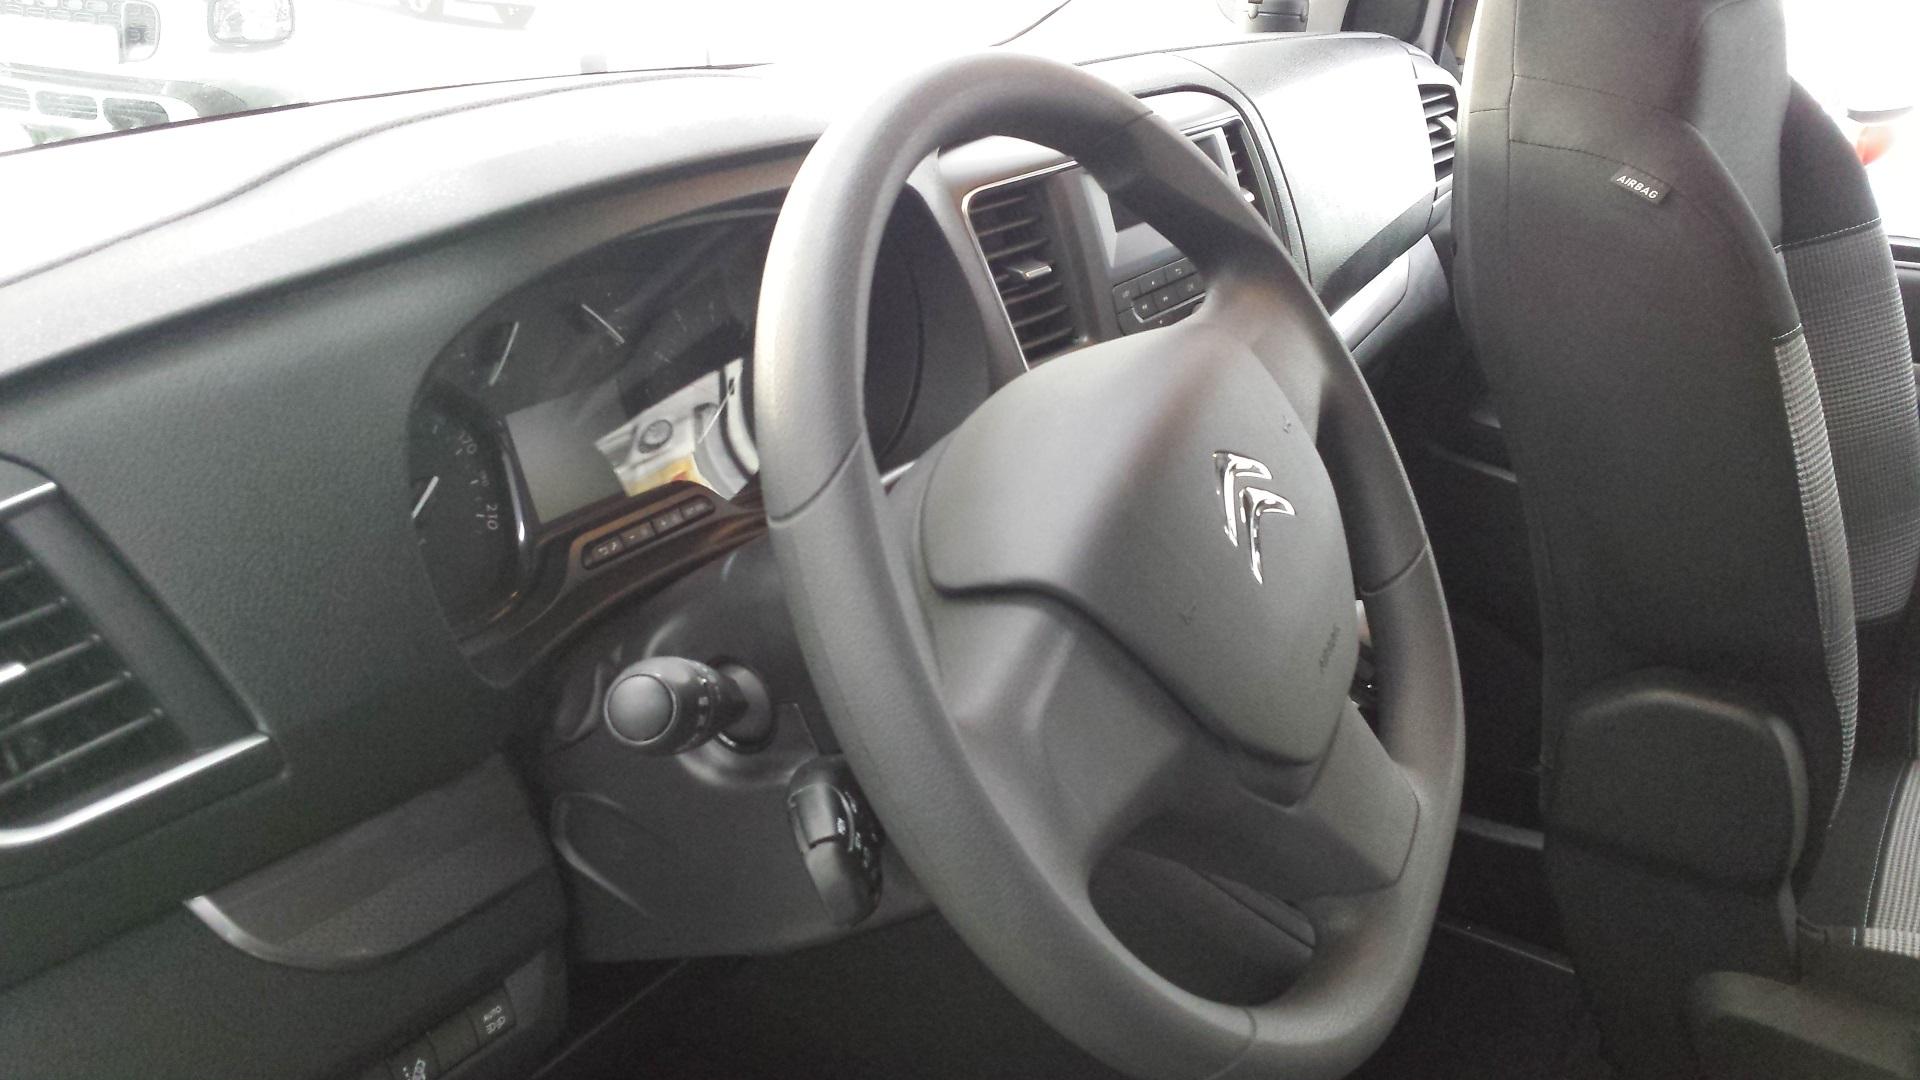 Basisfahrzeug des Pössl Campster ist der Citroën Spacetourer